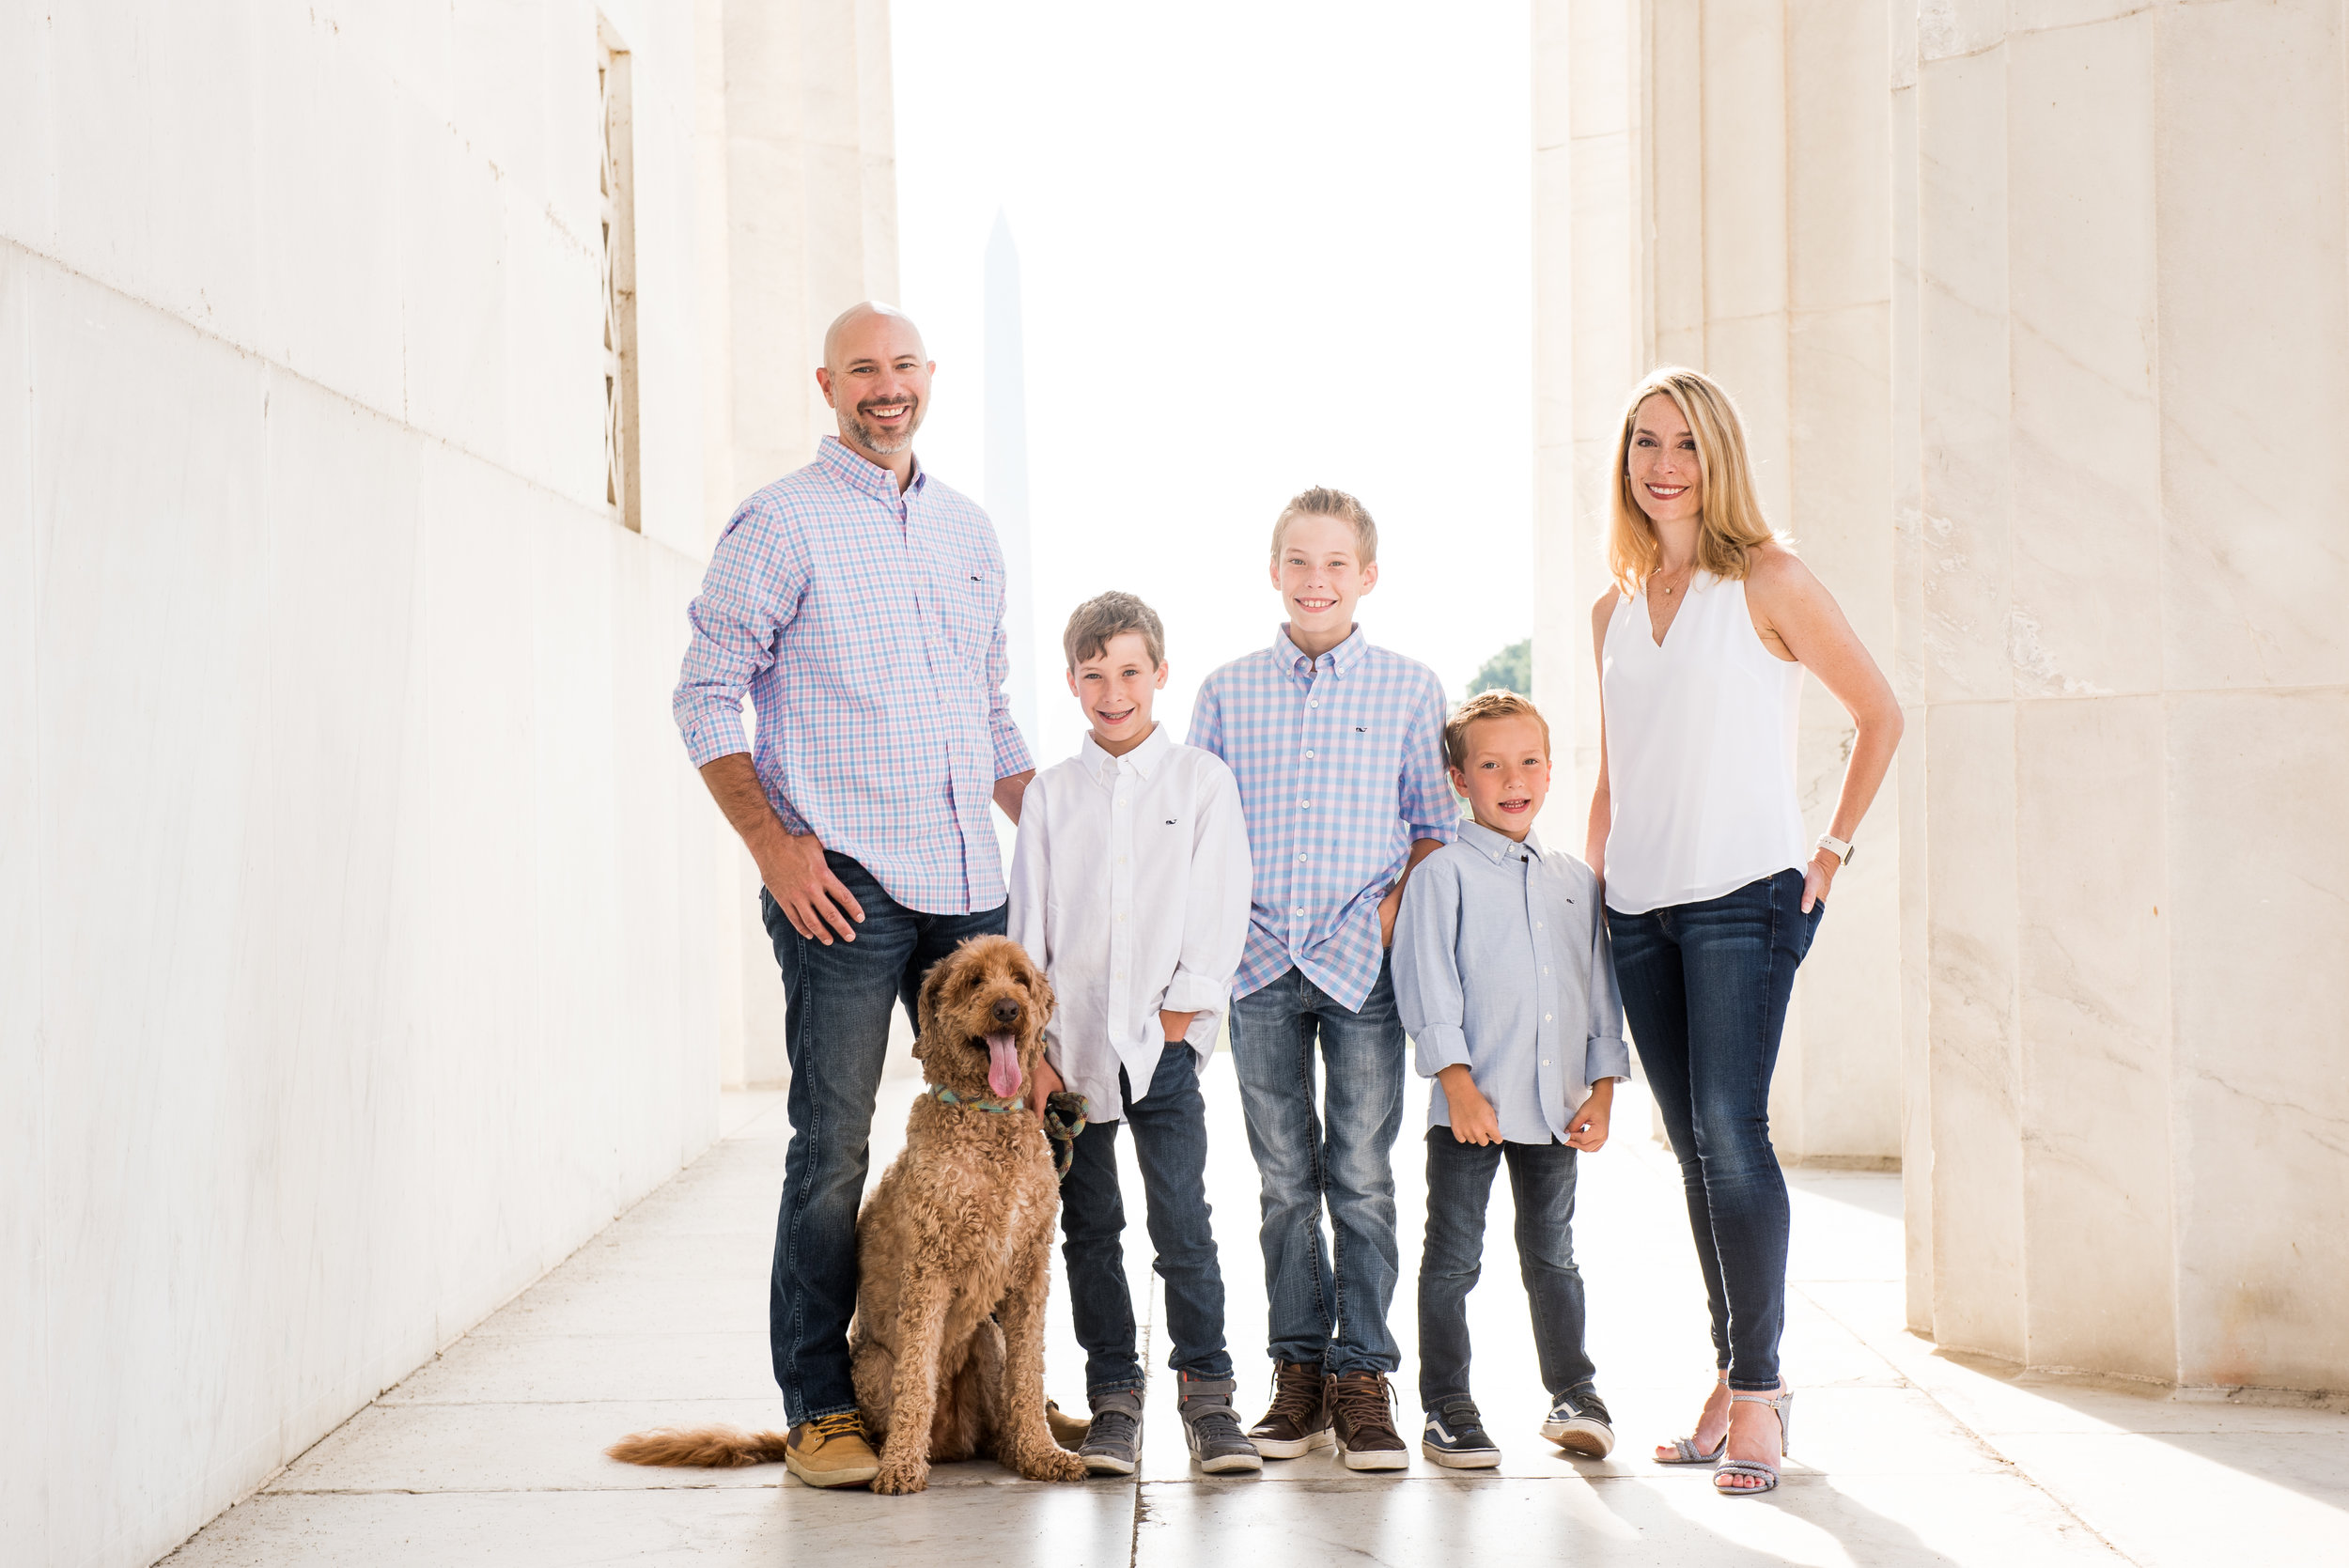 caren louise photographs S Family-8.jpg